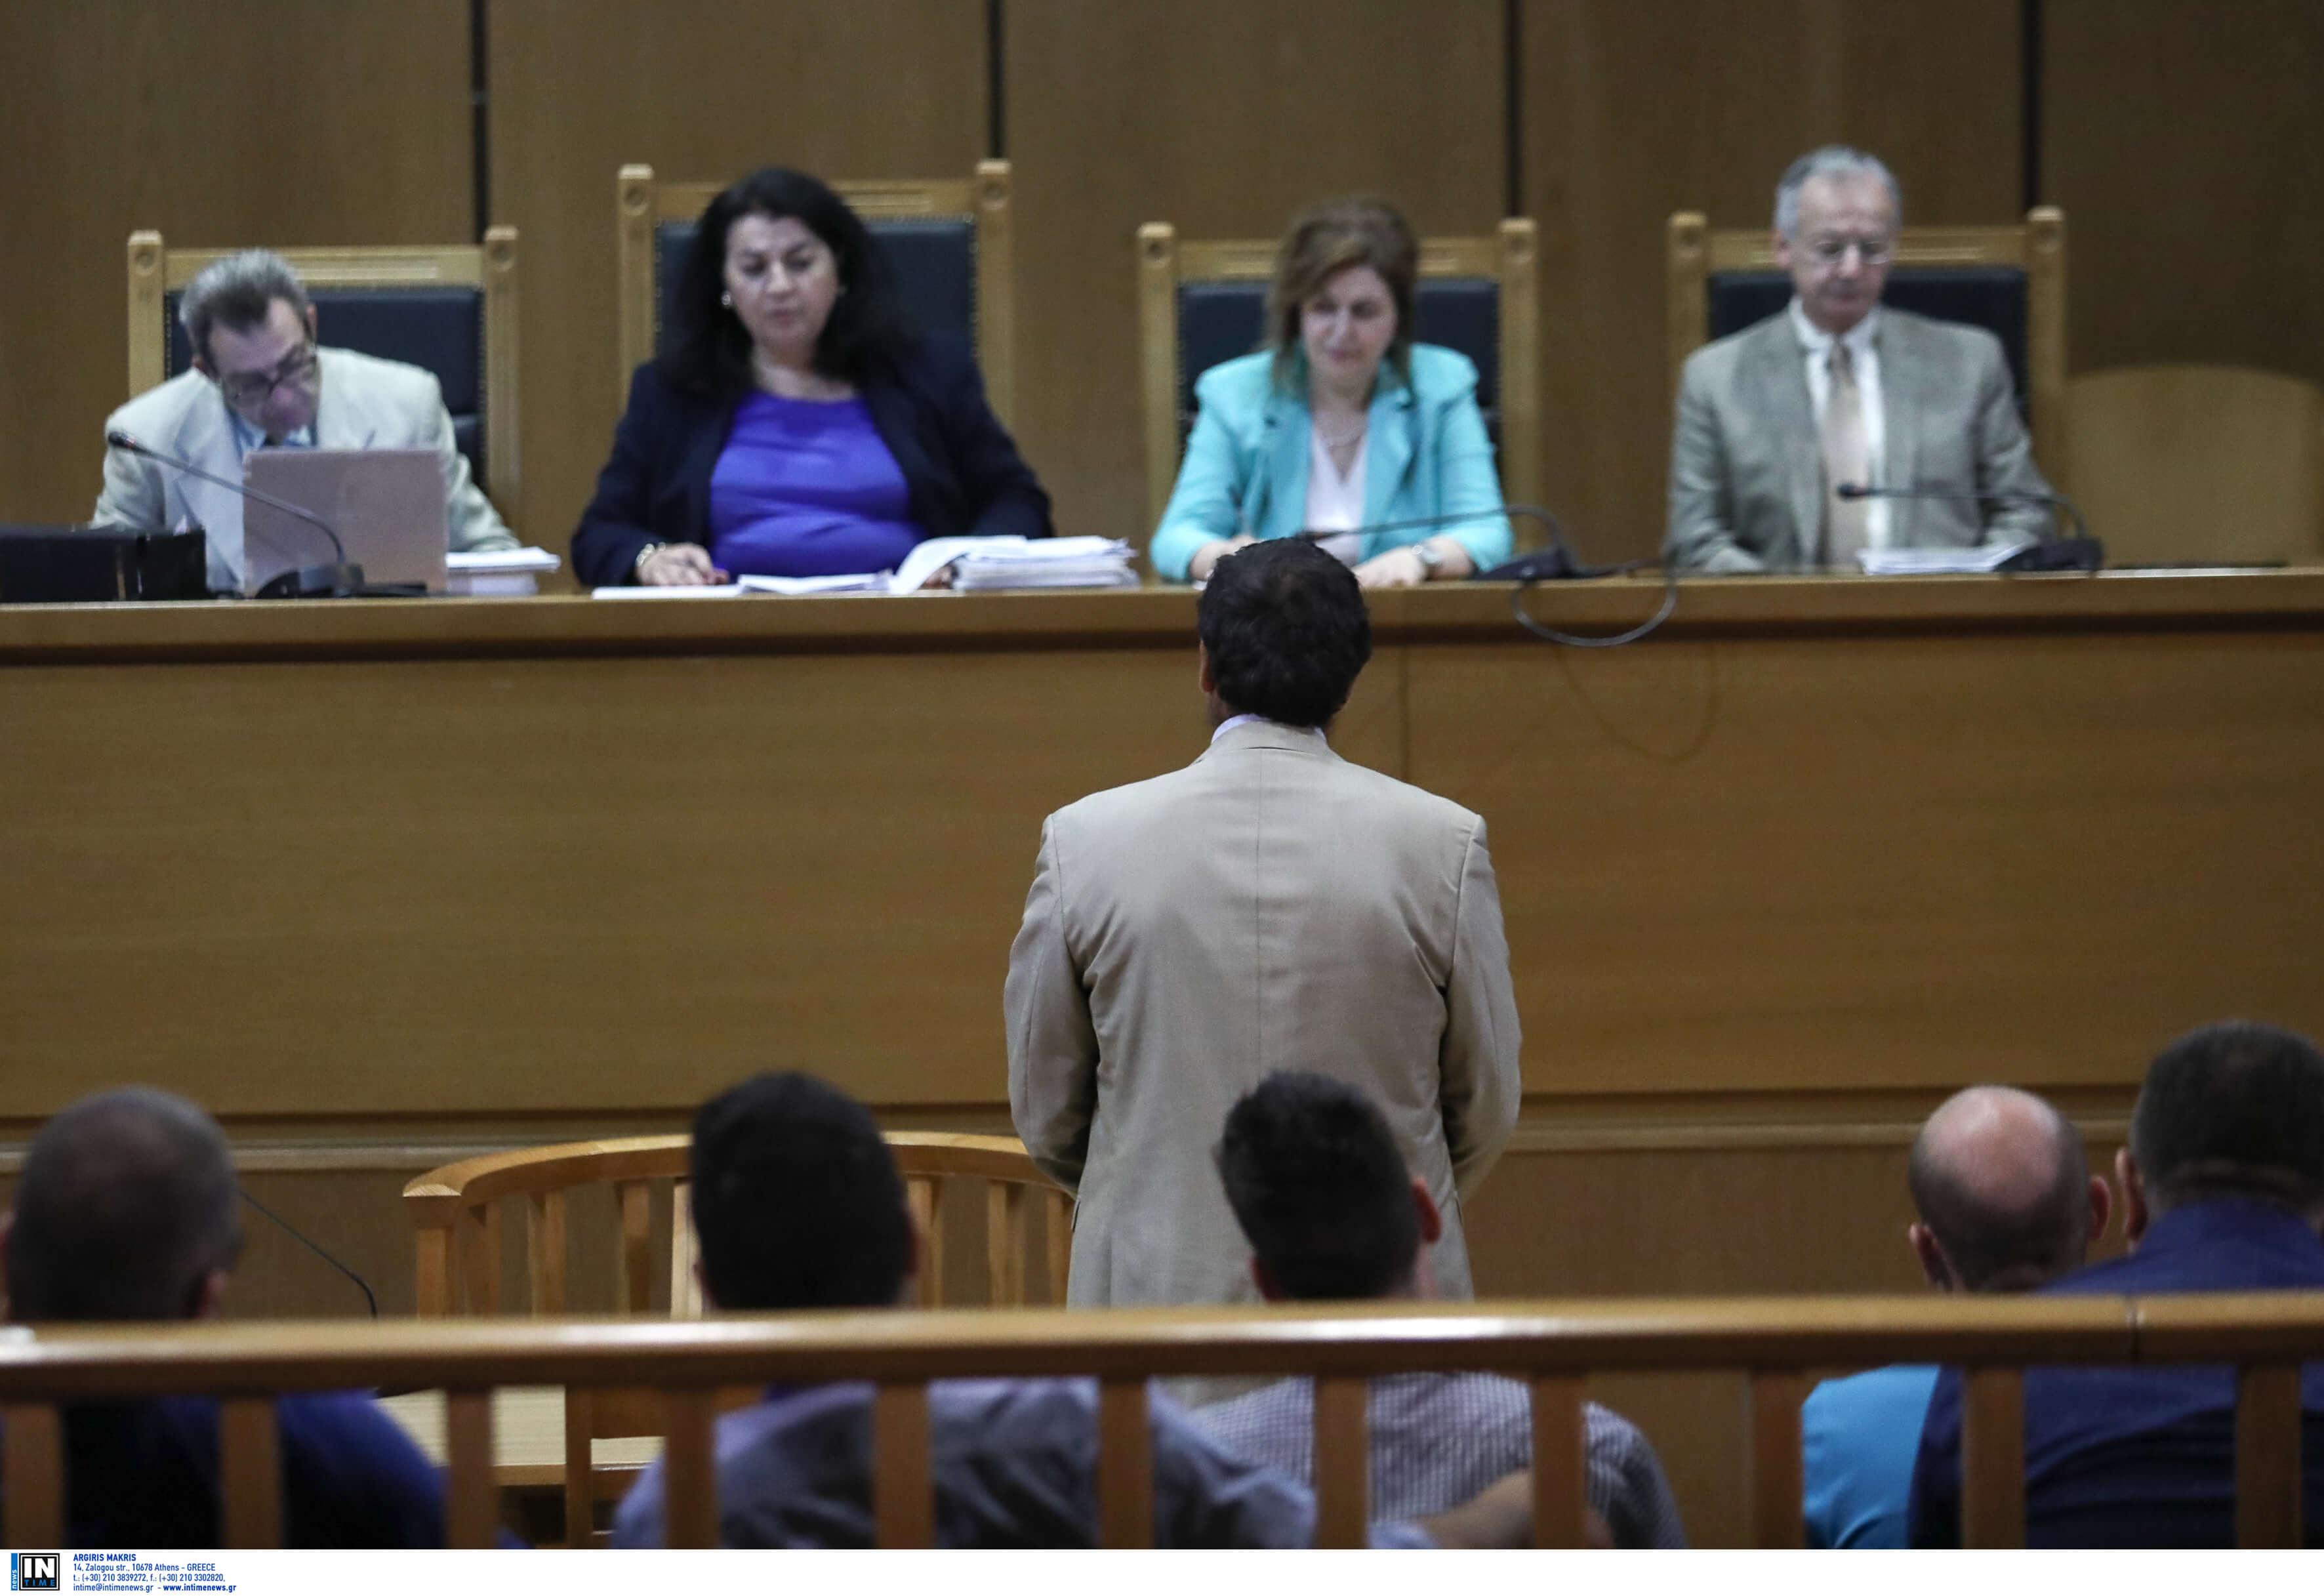 Δίκη Χρυσής Αυγής: Παραδέχθηκε τα επίμαχα τηλεφωνήματα ο Ιωάννης Άγγος - Τι υποστήριξε στην απολογία του